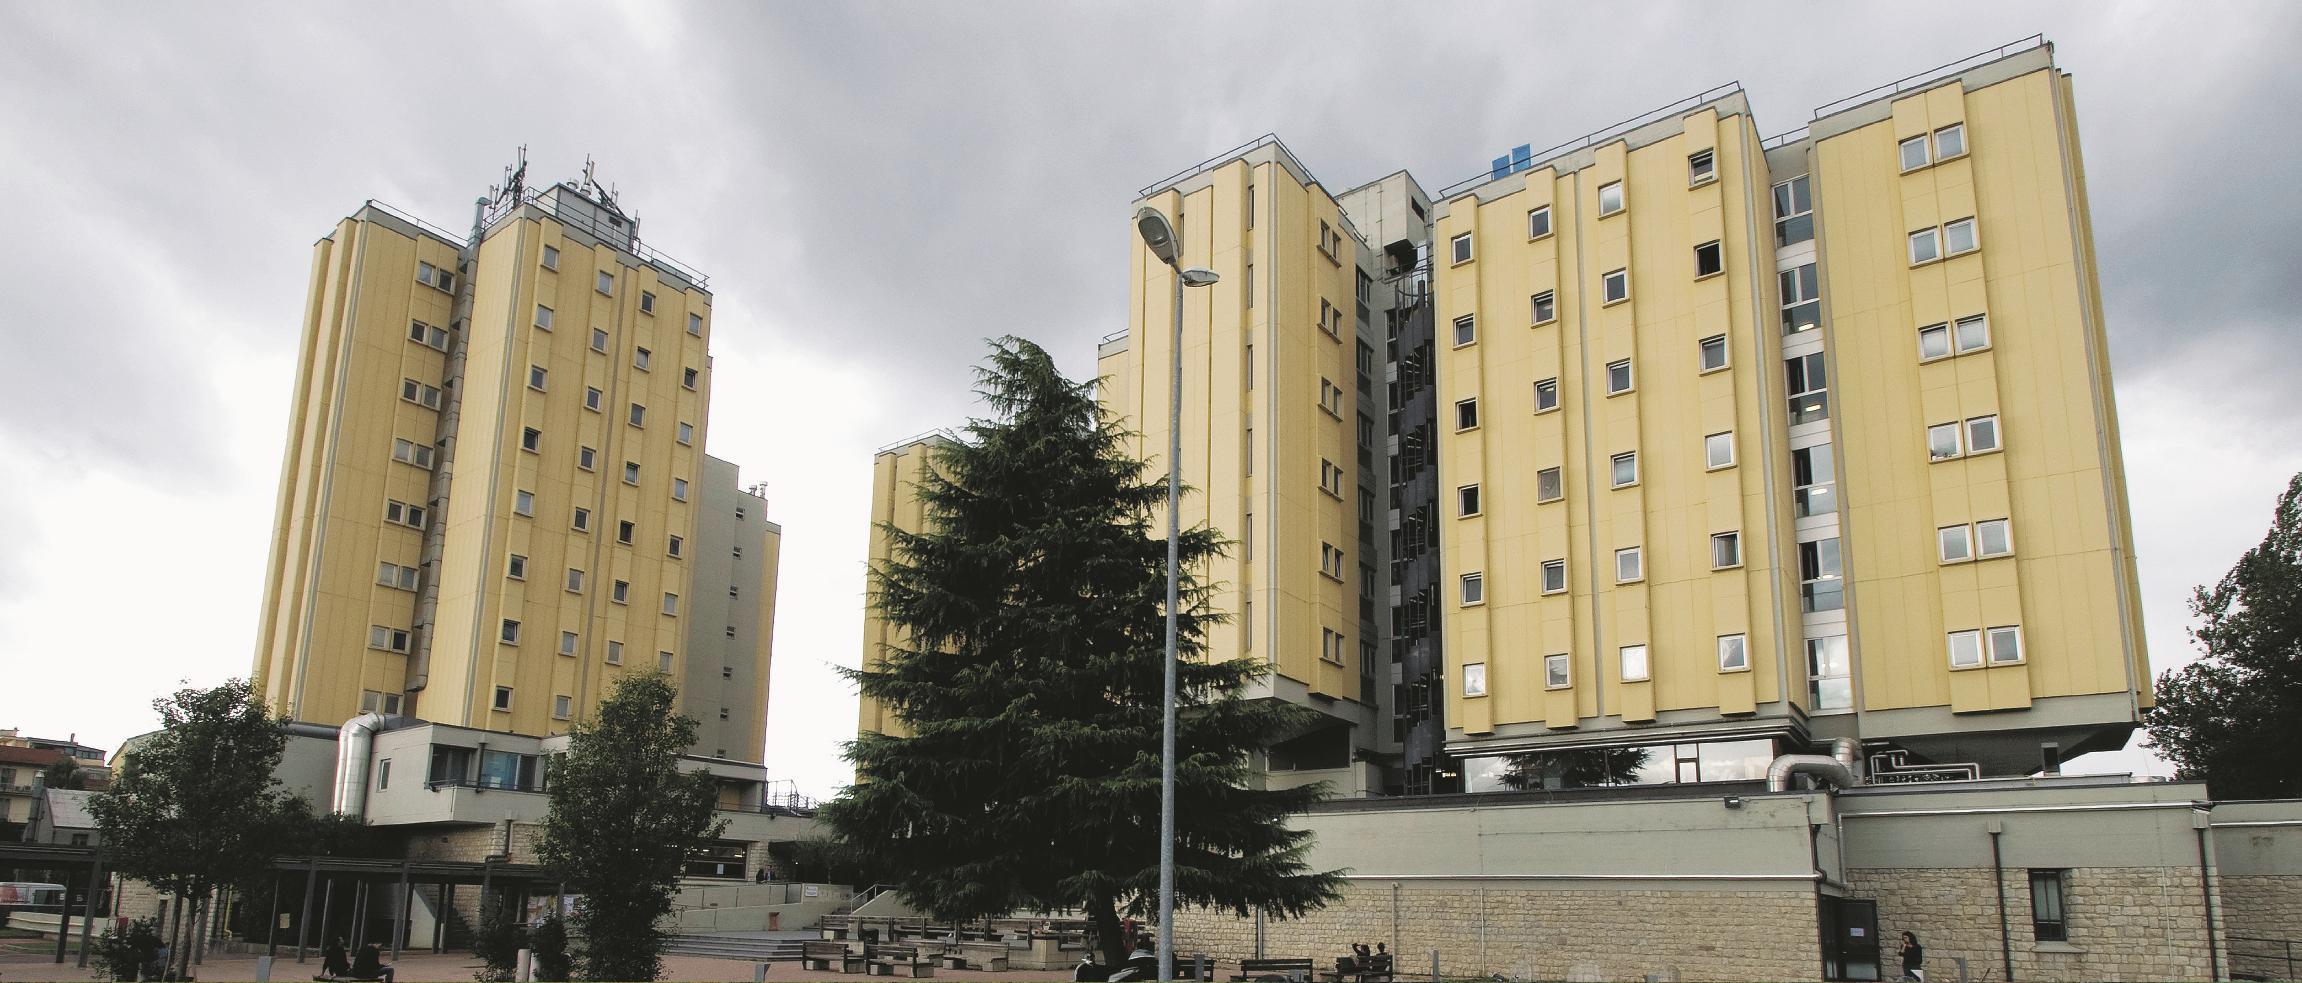 PRIMA. (Foto Hit Gracci)  Firenze, Casa dello studente  Sul numero de Il Fatto Quotidiano di lunedì 10/11/2014